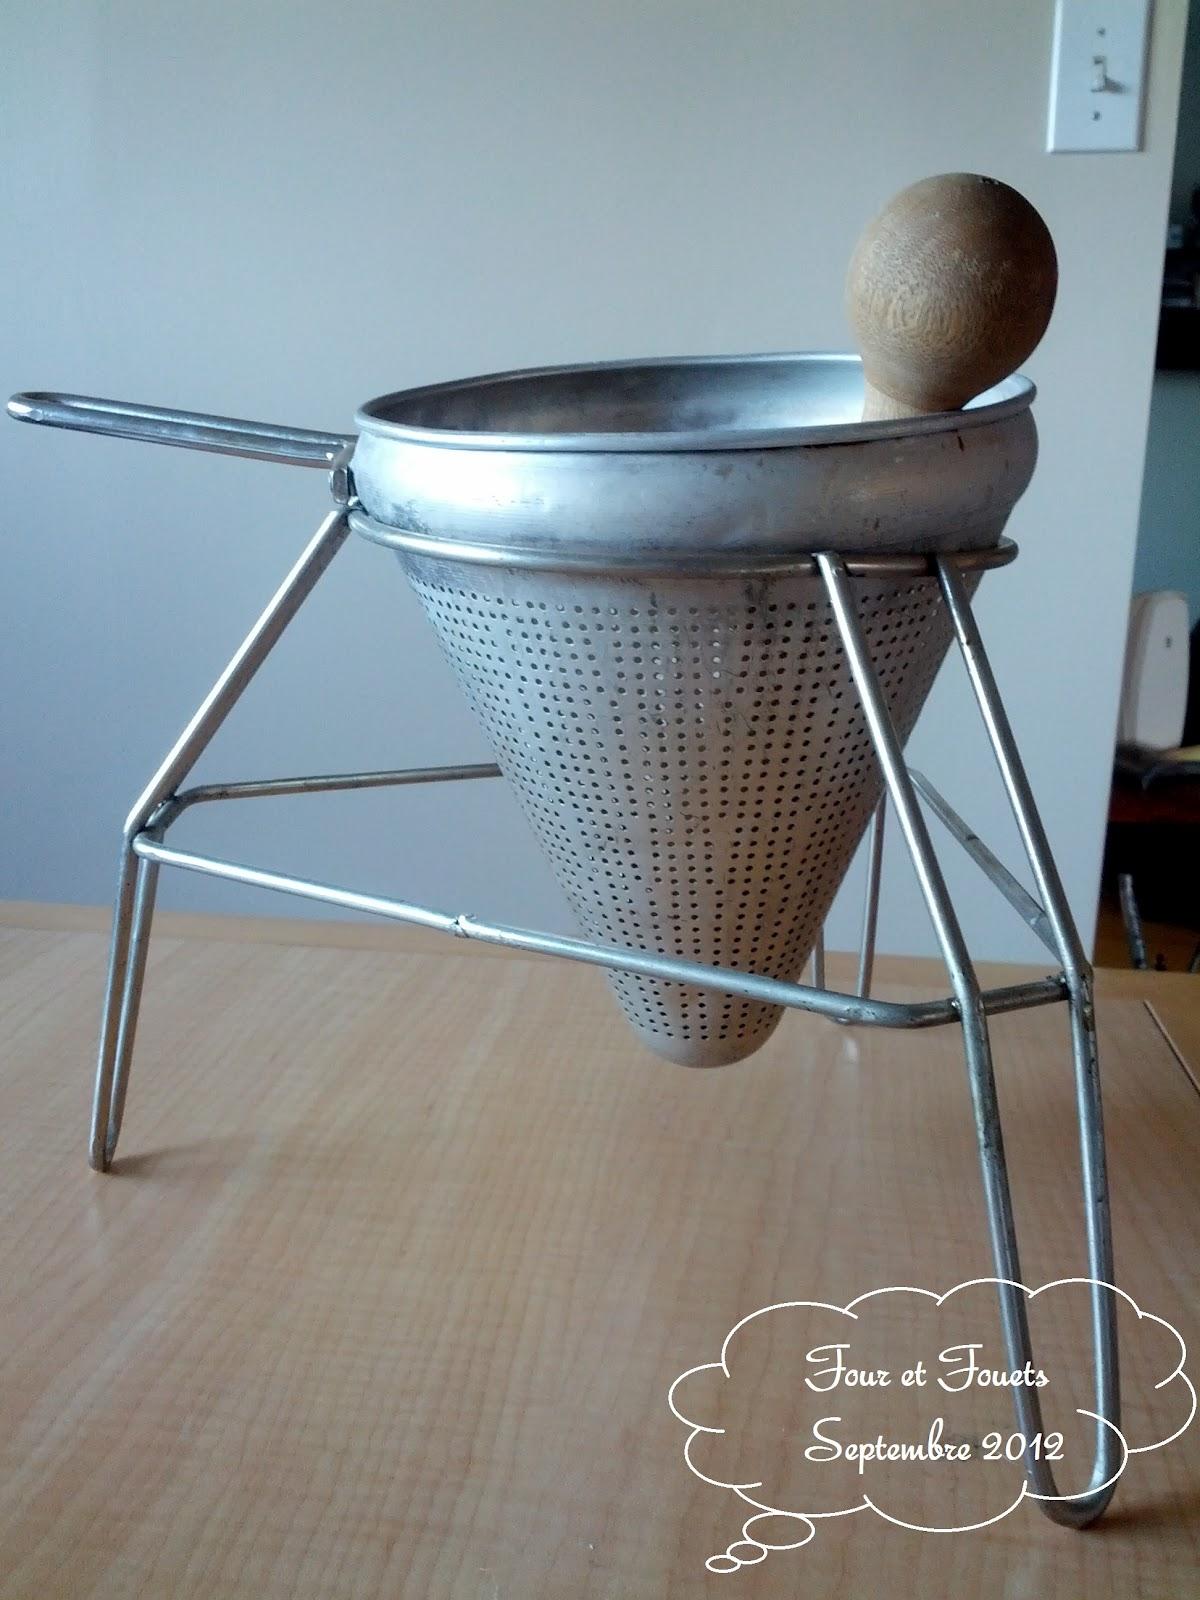 four et fouets pour sara compote de pommes. Black Bedroom Furniture Sets. Home Design Ideas